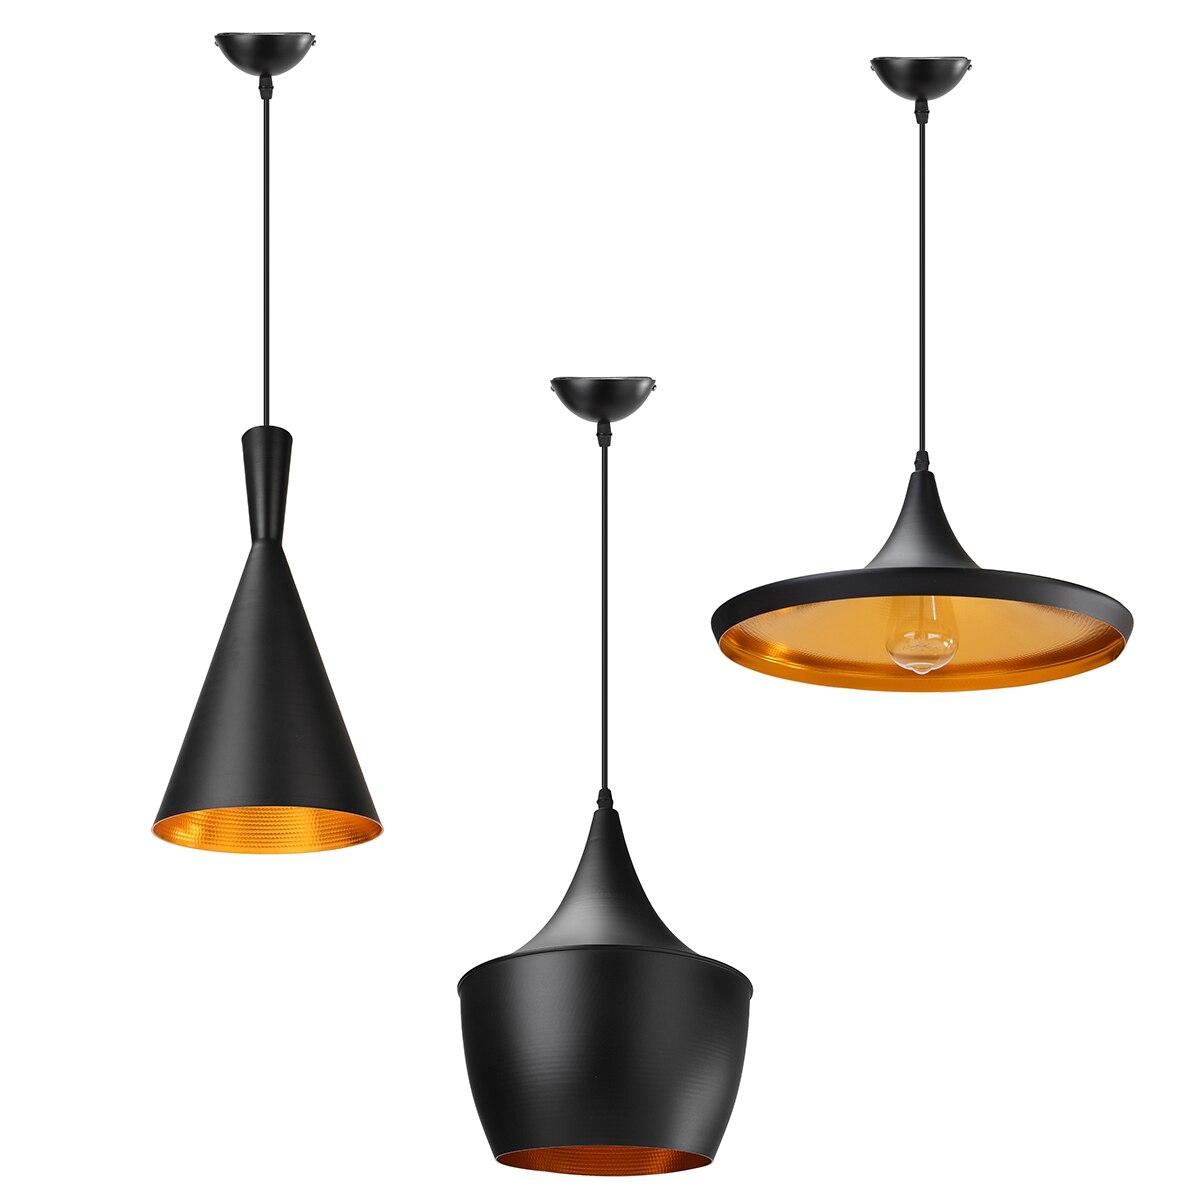 3 نمط خمر القرن الرجعية شكل ضوء معلق مصباح نجف واحد Creatives الإضاءة مطعم بار غرف نوم مصابيح معلقة